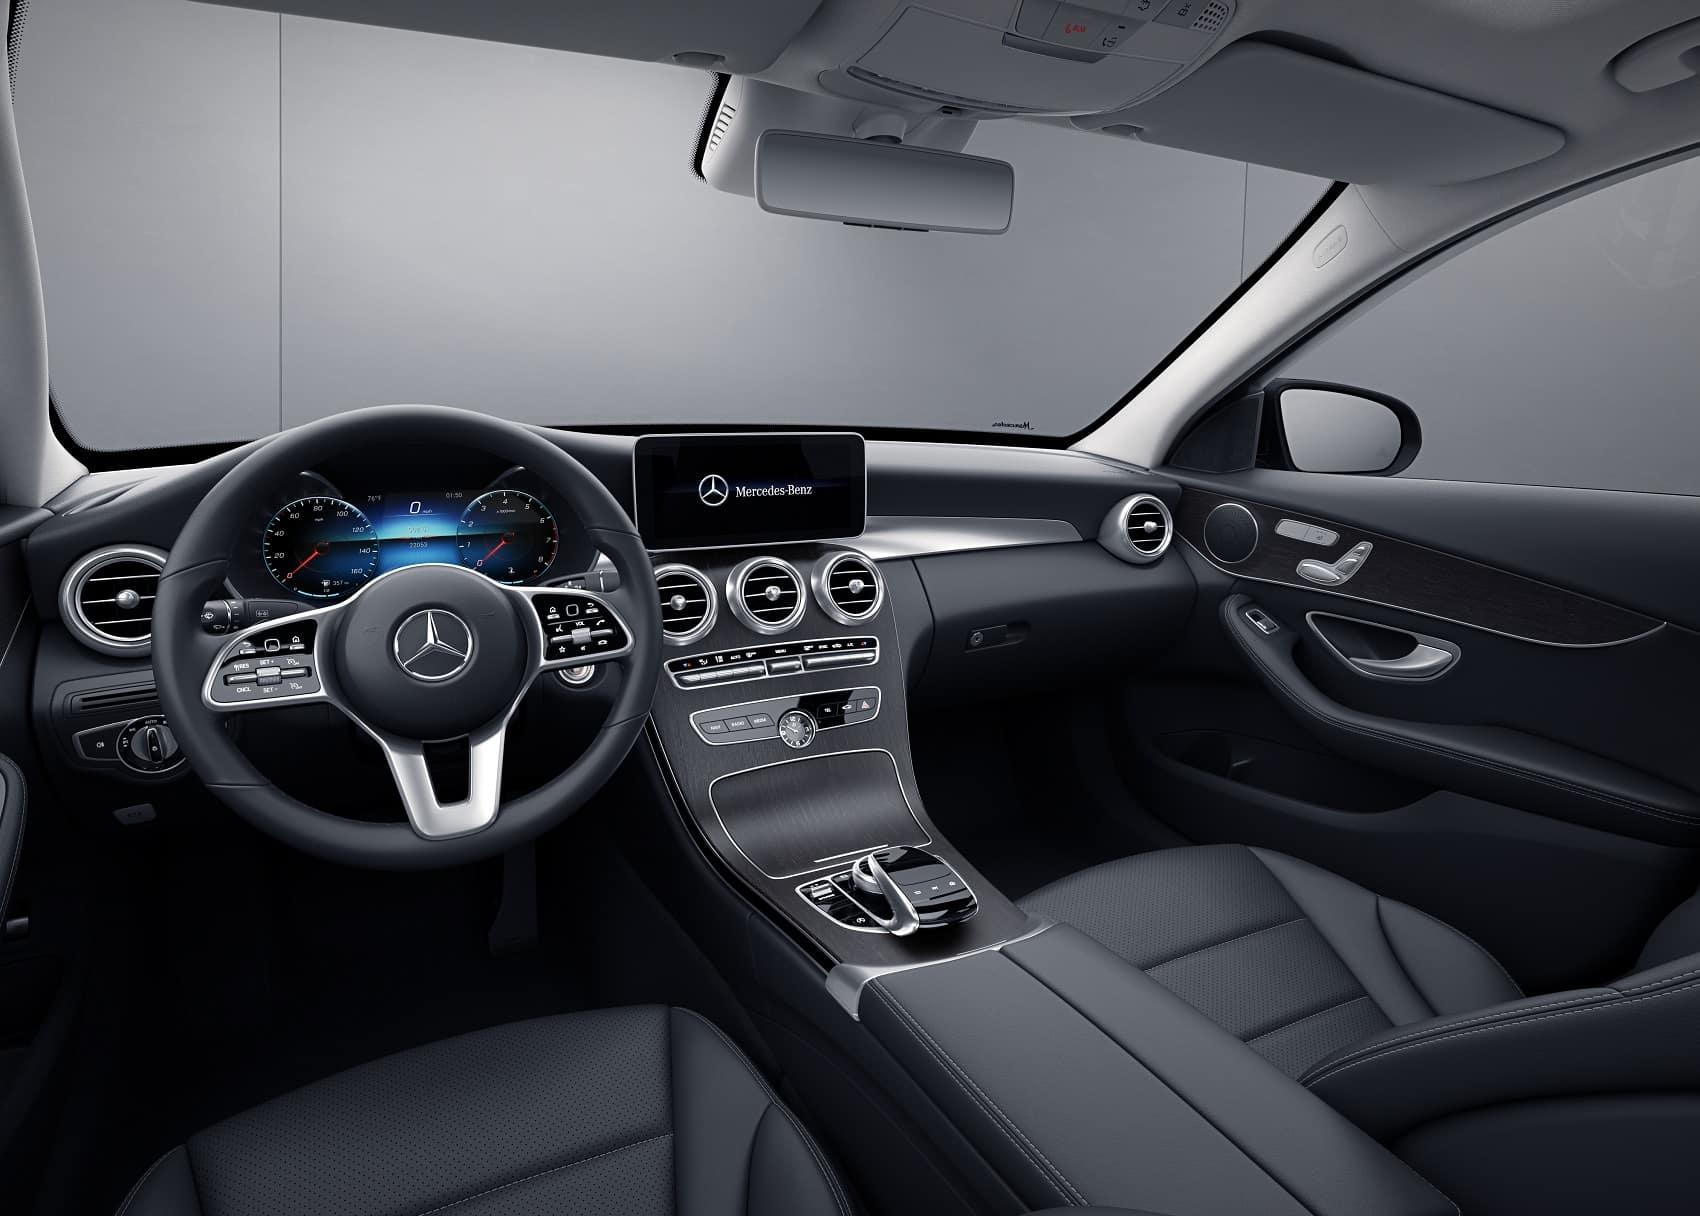 Mercedes C-Class Interior Technology